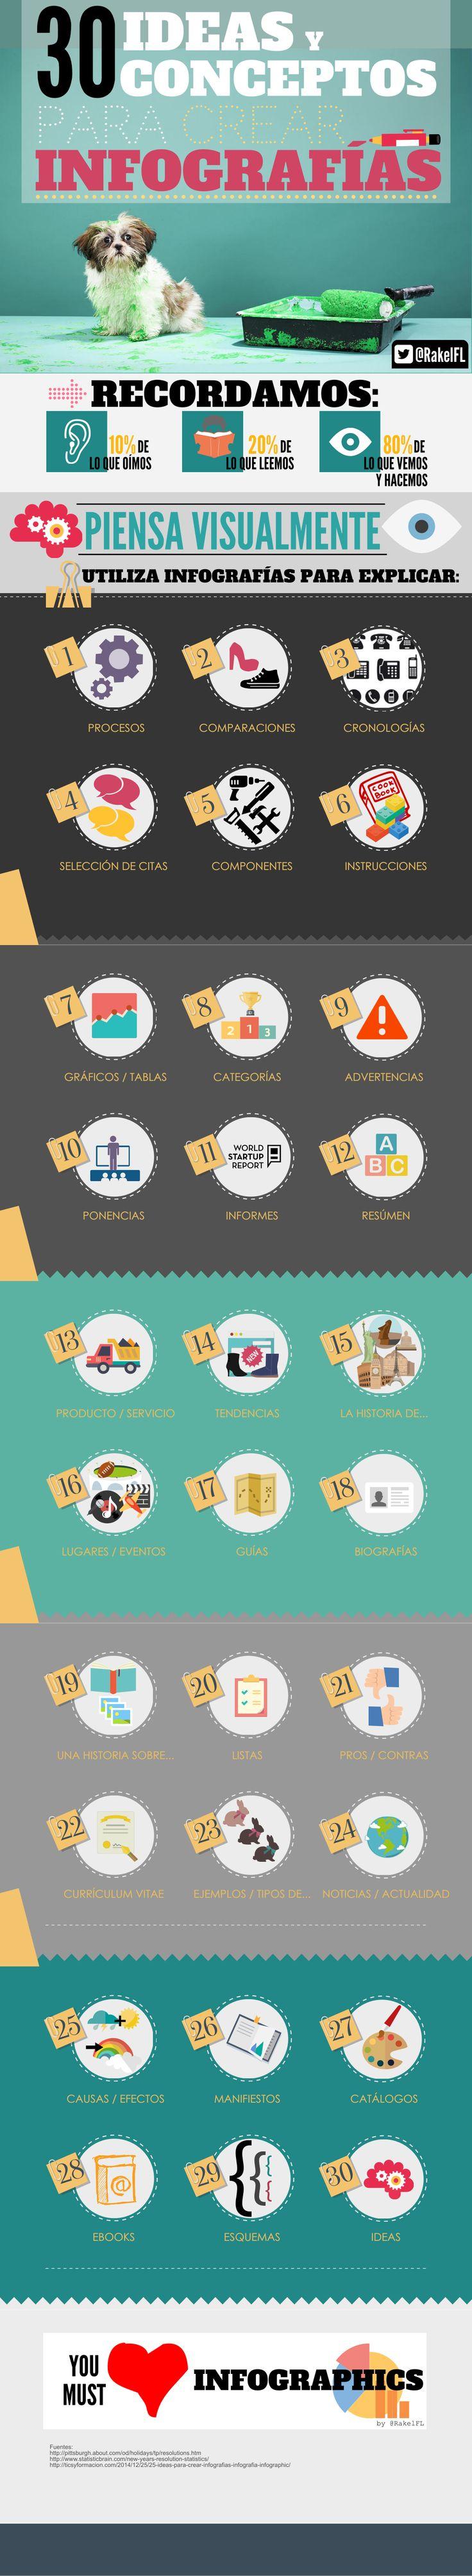 30 buenas ideas y #tips para crear infografías ... en una #infografía.   Personalmente me gustan mucho las infografías de Rakel Felipe, sabe lo que se hace; y el concepto de rizar el rizo de este último trabajo me llama la atención.  #SocialMedia